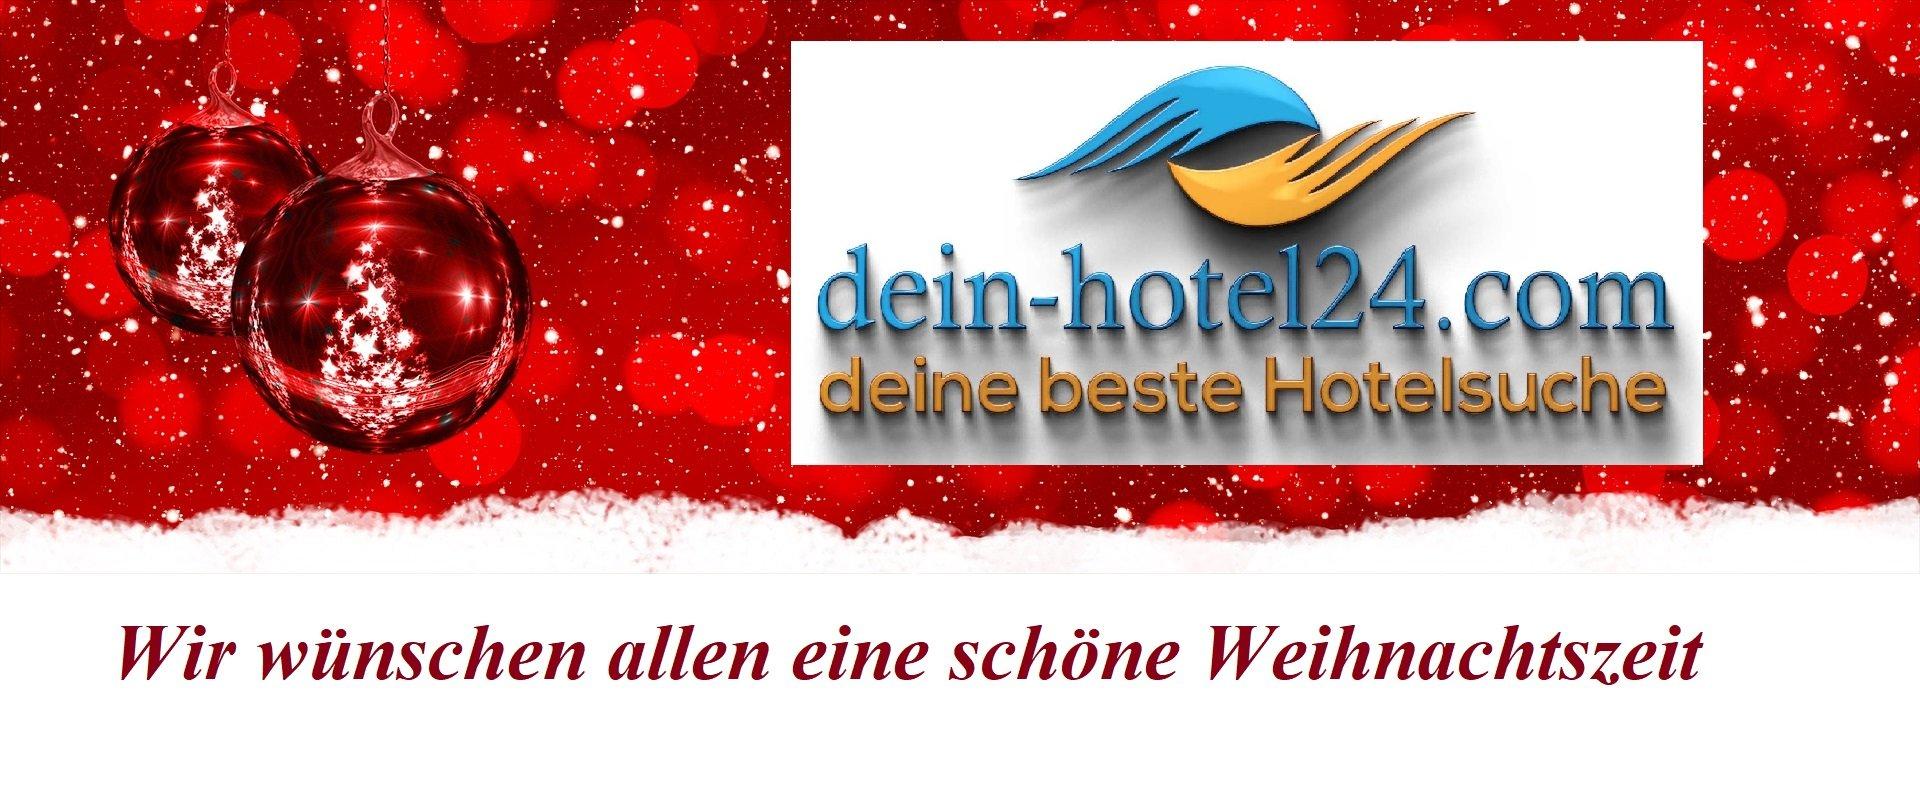 dein-hotel24, dein hotel, hrs, booking, wellness, weihnachten